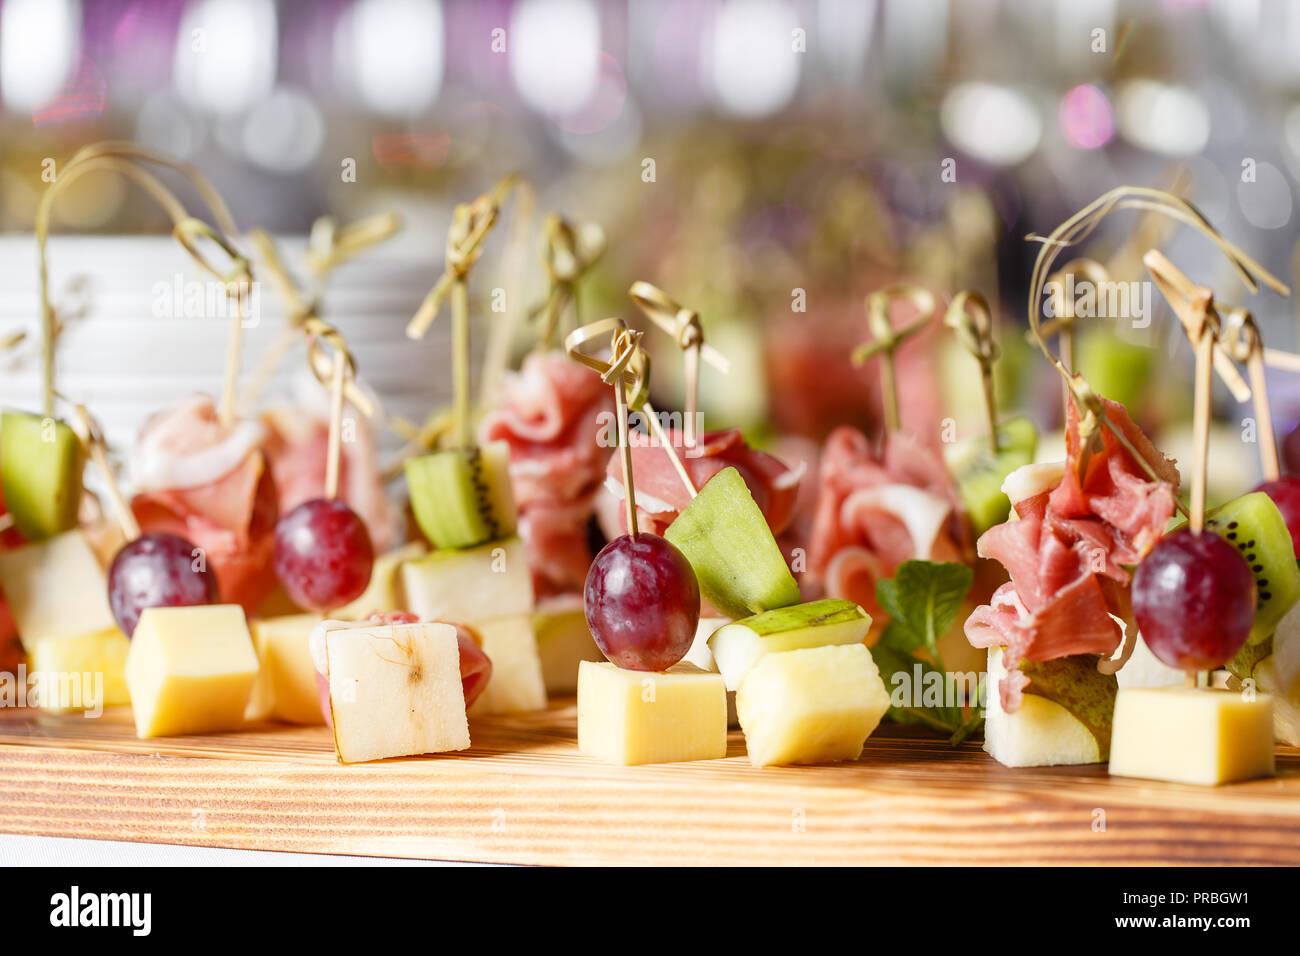 Il buffet presso la reception. Assortimento di tartine sulla tavola di legno. Servizio banchetti. catering food, snack al formaggio, prosciutto, prosciutto e frutta Immagini Stock